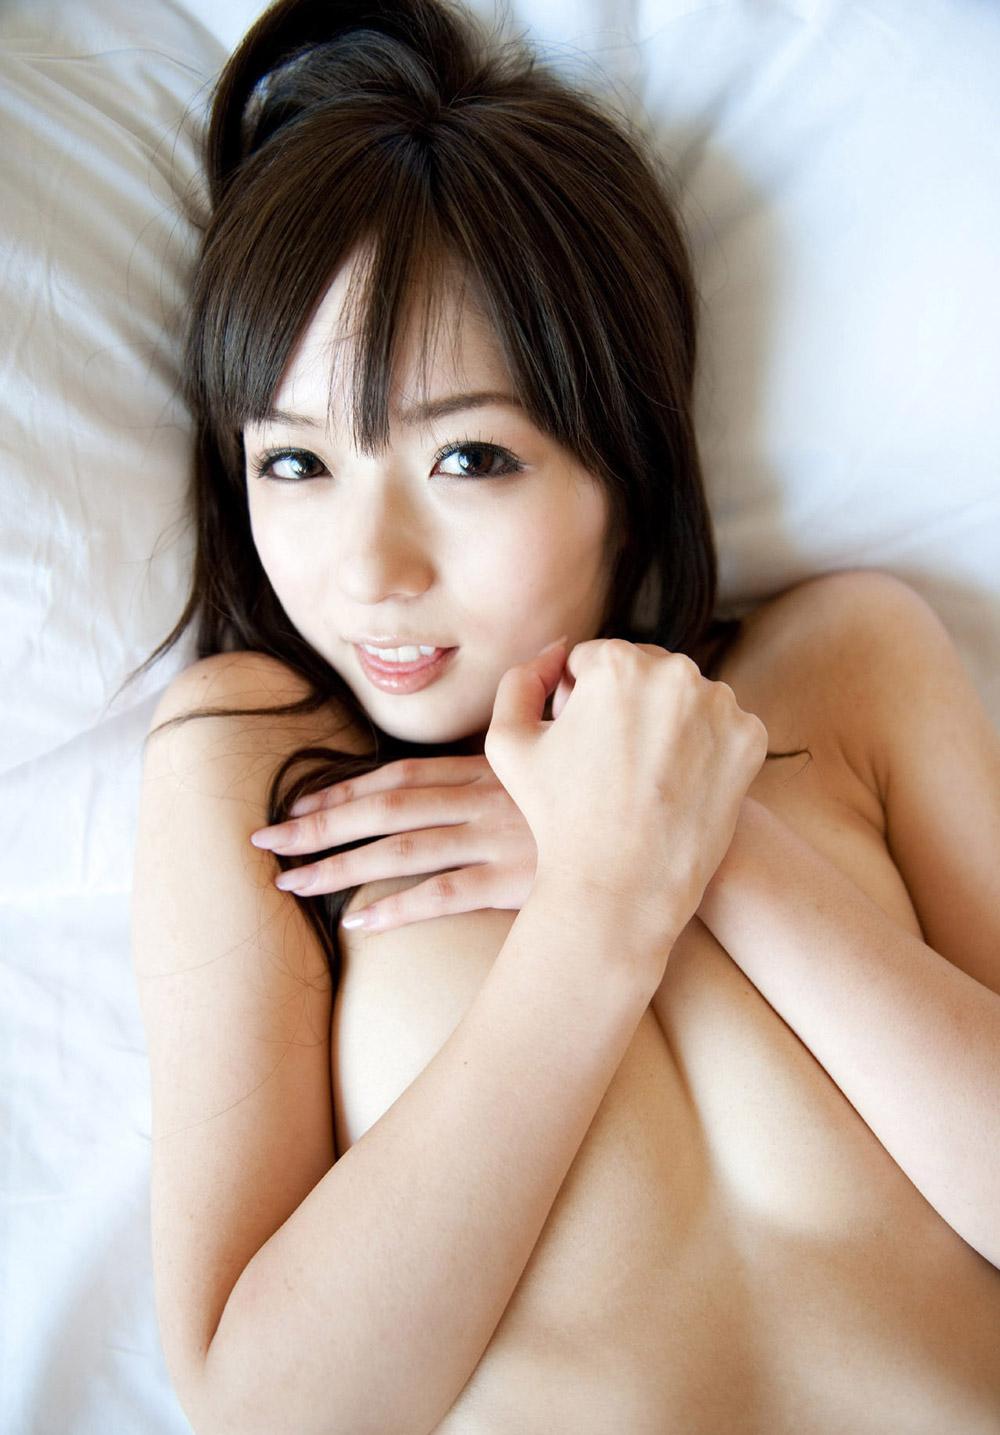 【No.485】 ギュッとね / 麻倉憂